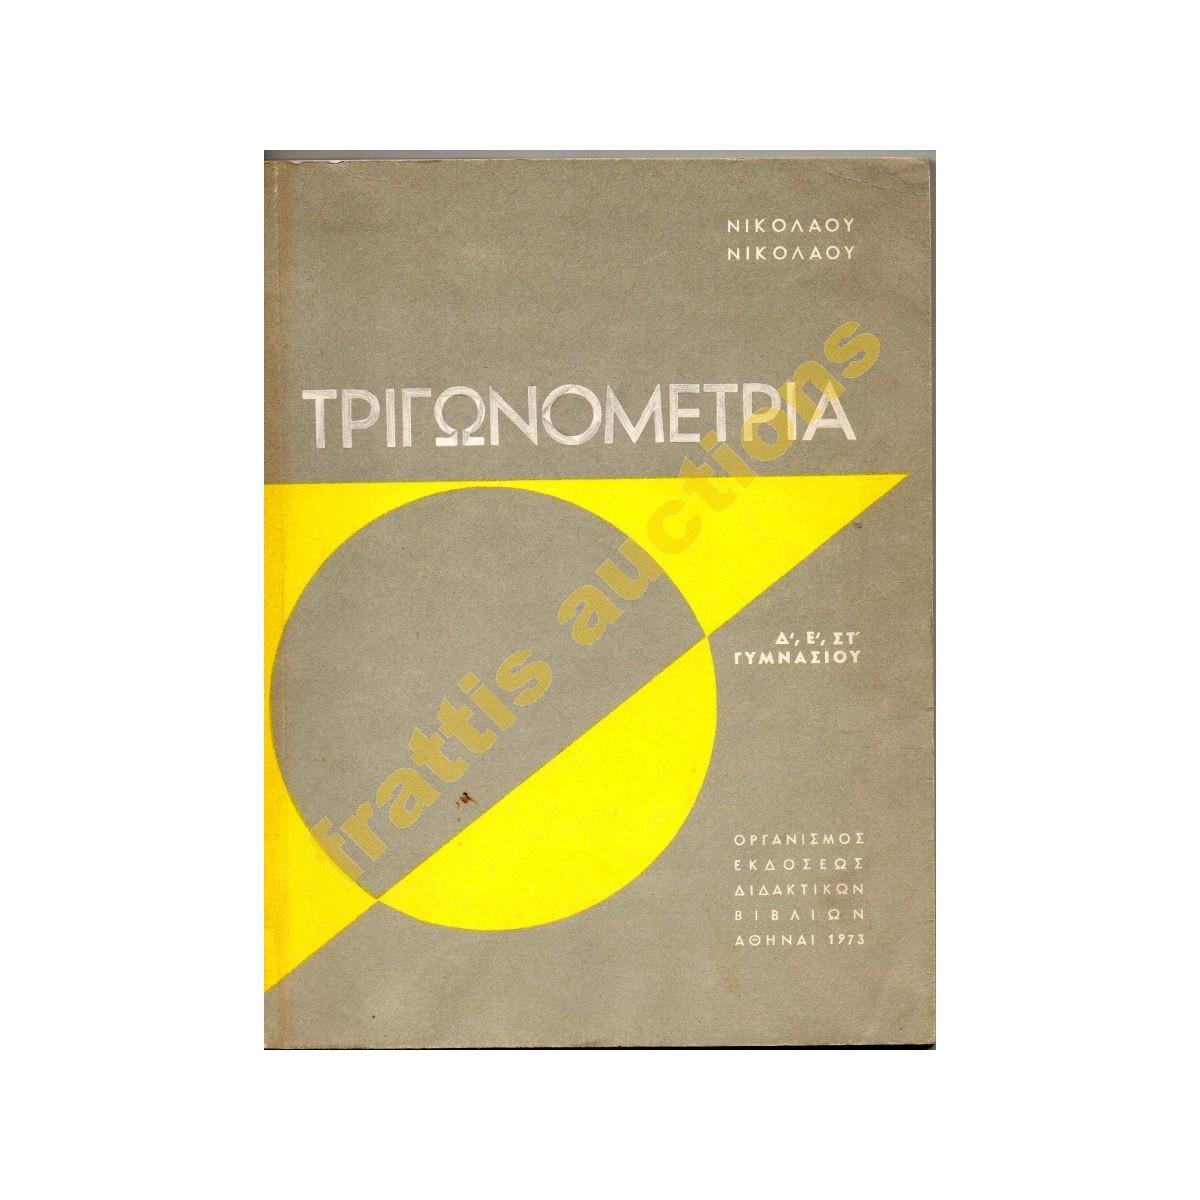 Τριγωνομετρία  Νικόλαου Νικολάου,για Δ΄ Ε΄ΣΤ΄εξατάξιου Γυμνασίου ΄73.